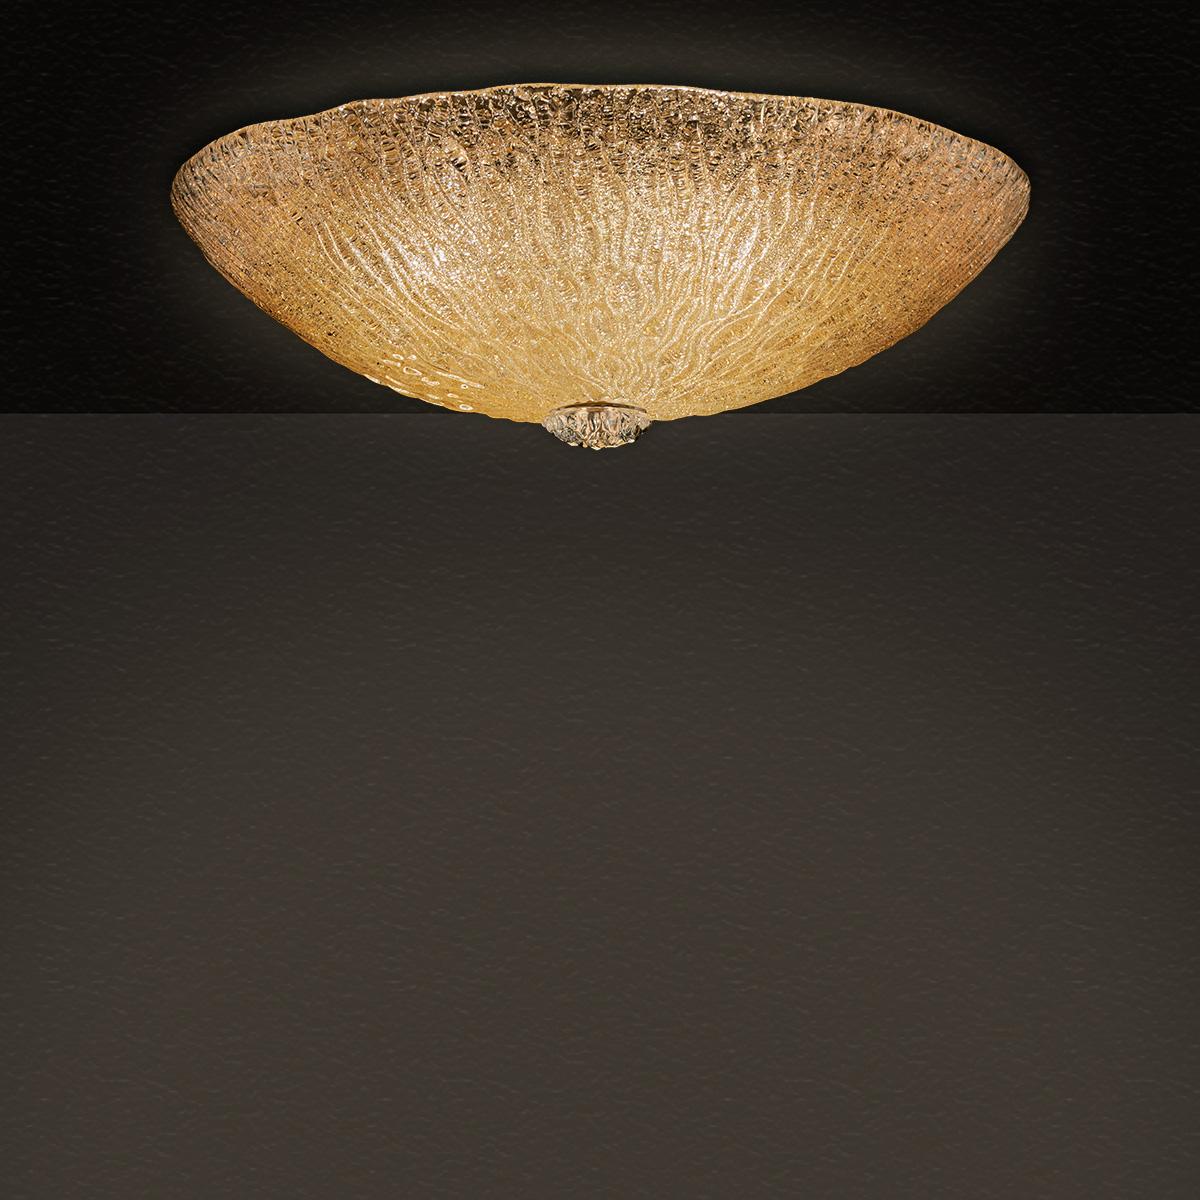 Κλασικό φωτιστικό οροφής Μουράνο ΚΥΜΑΤΑ classic murano ceiling lamp